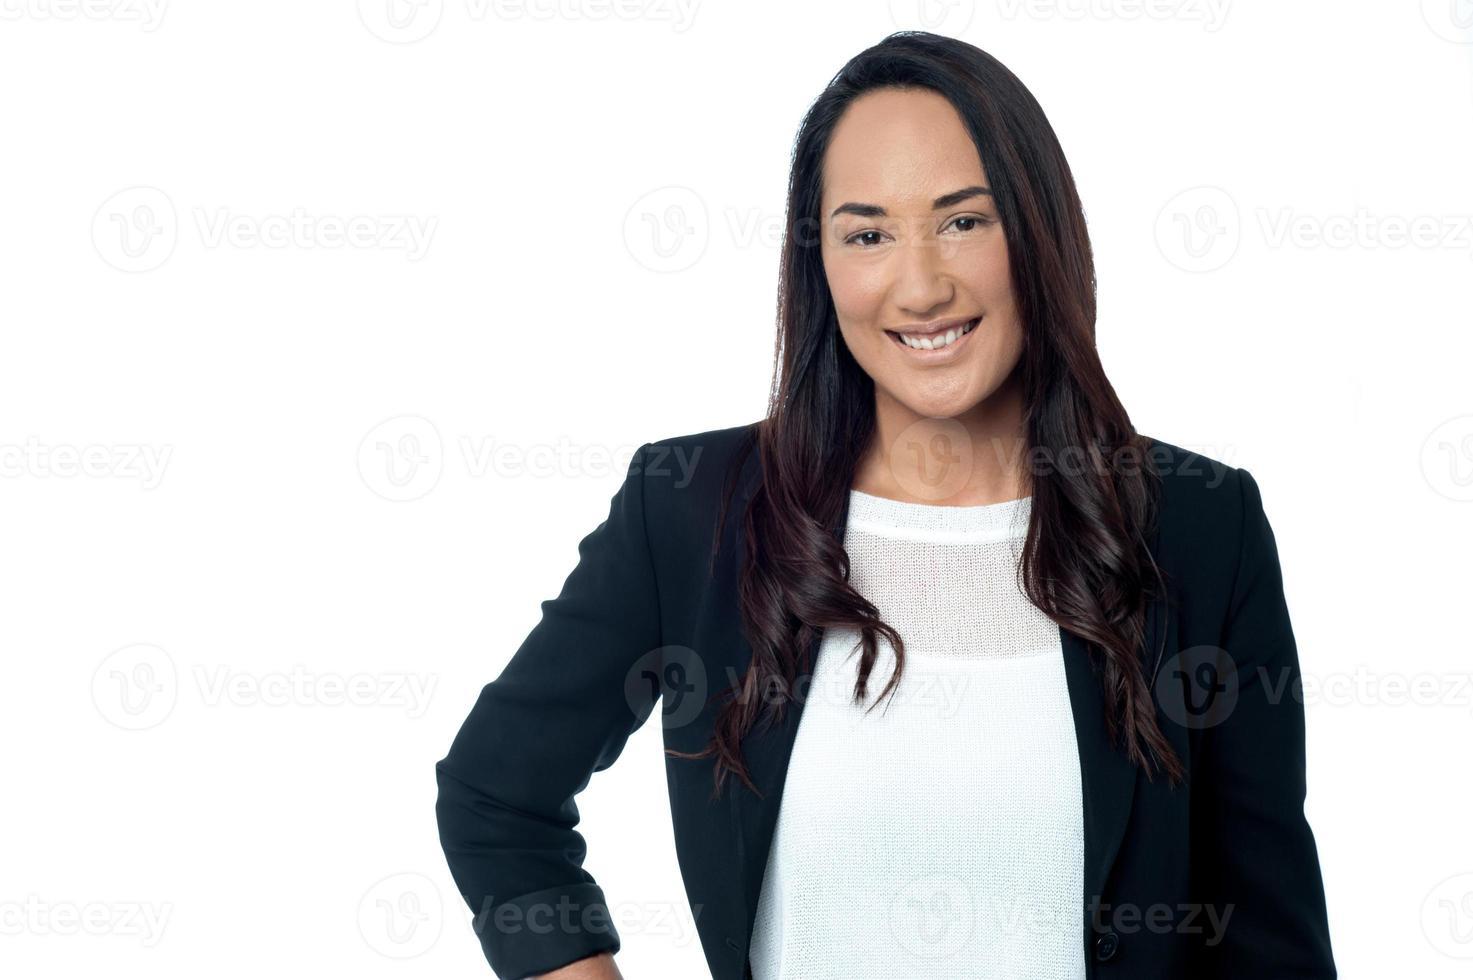 selbstbewusste junge korporative Frau foto